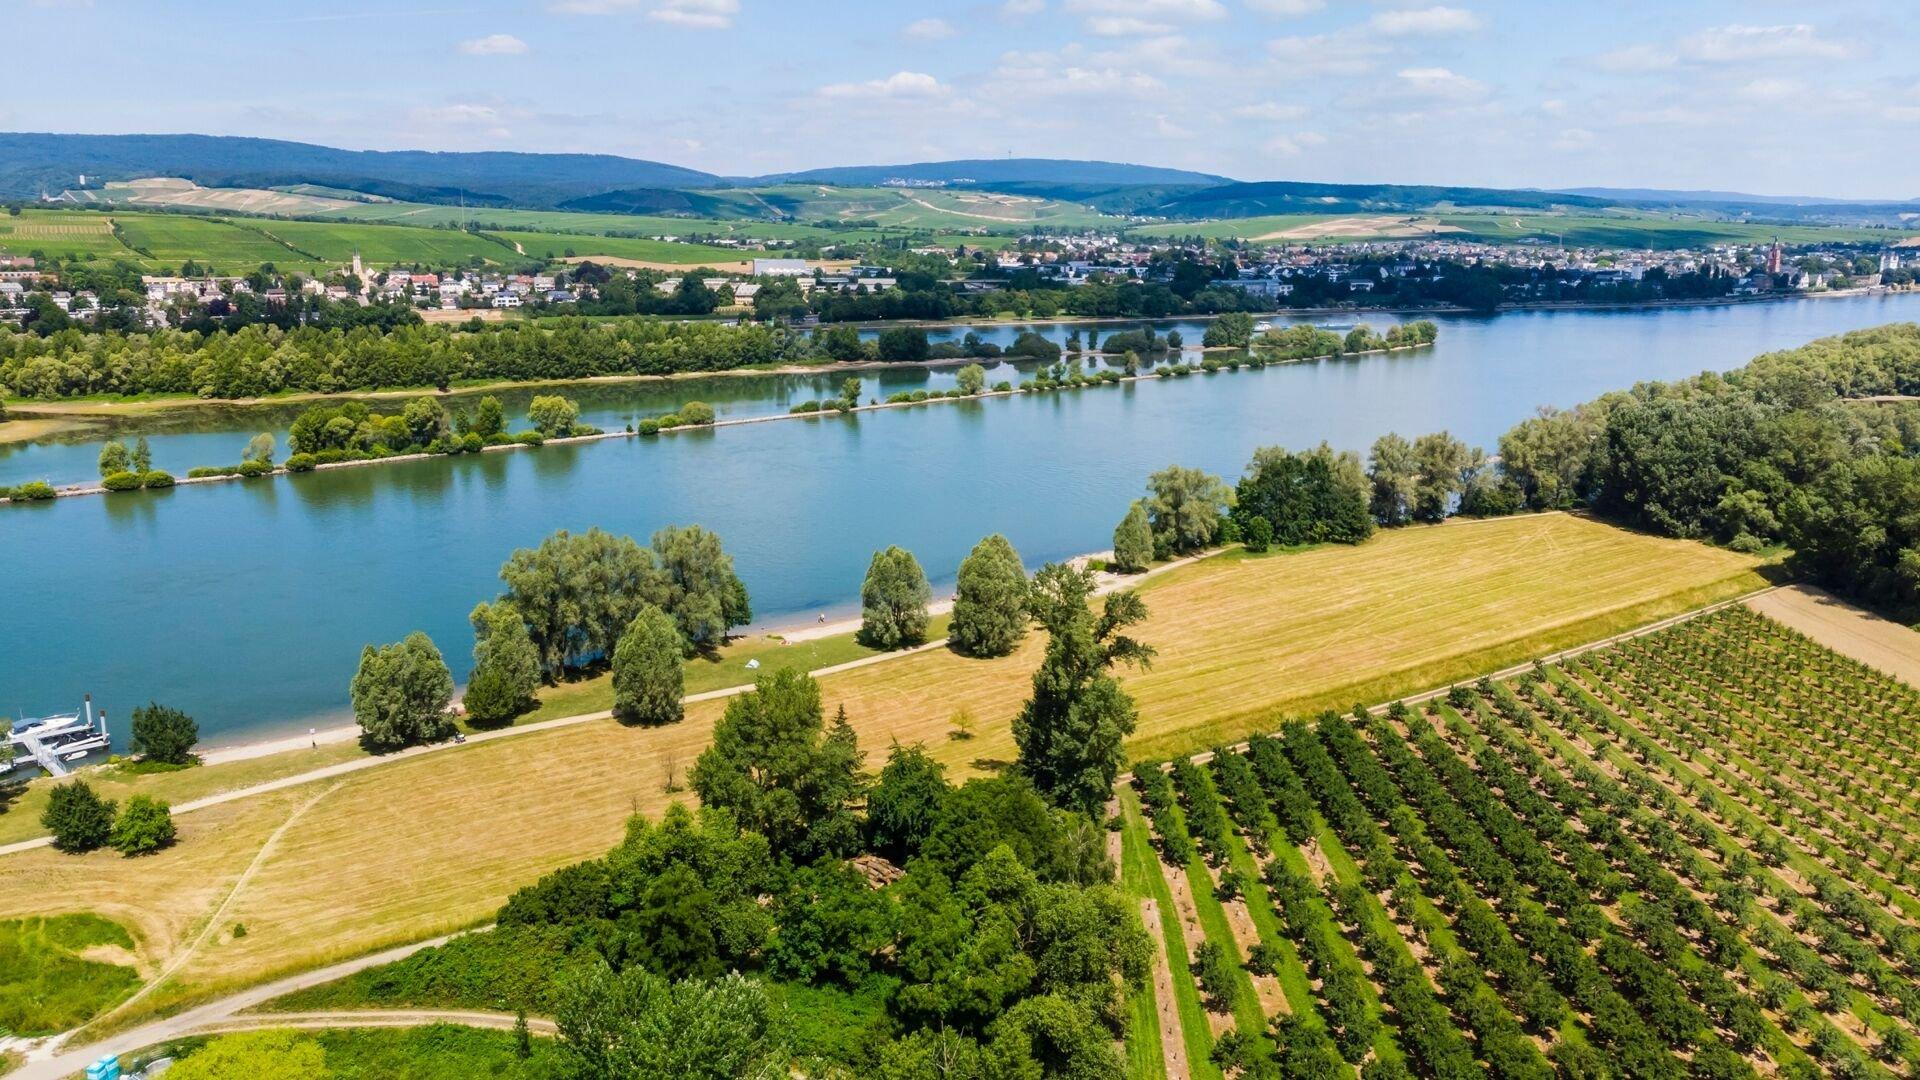 Deutschland im Herbst: Reiseziele, die noch Geheimtipps sind